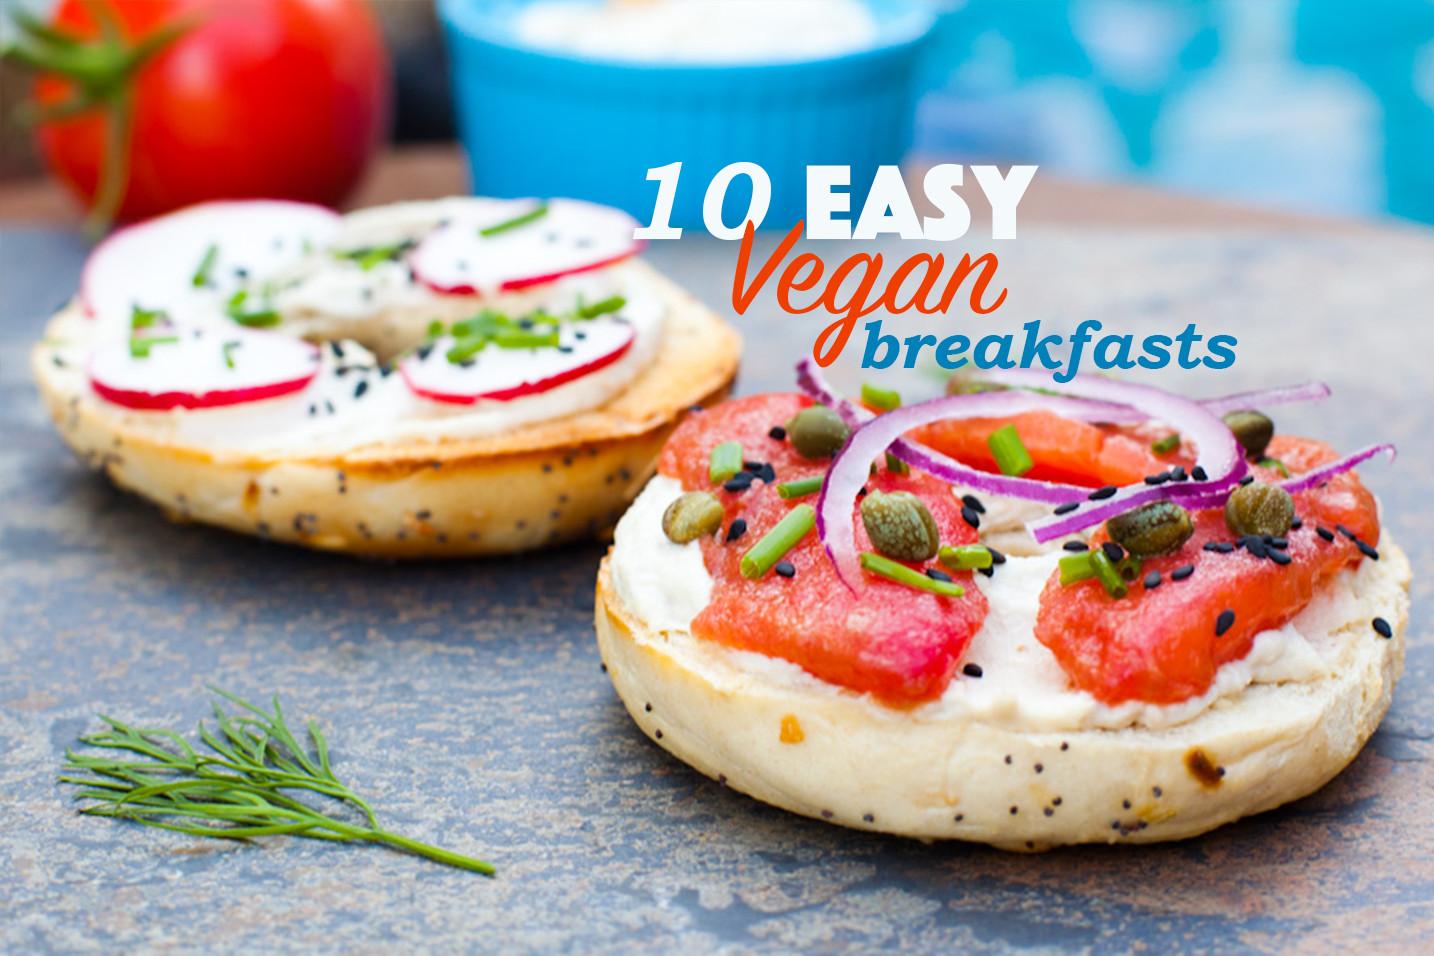 Easy Vegan Breakfast  10 Easy Vegan Breakfasts That Aren t Avocado Toast